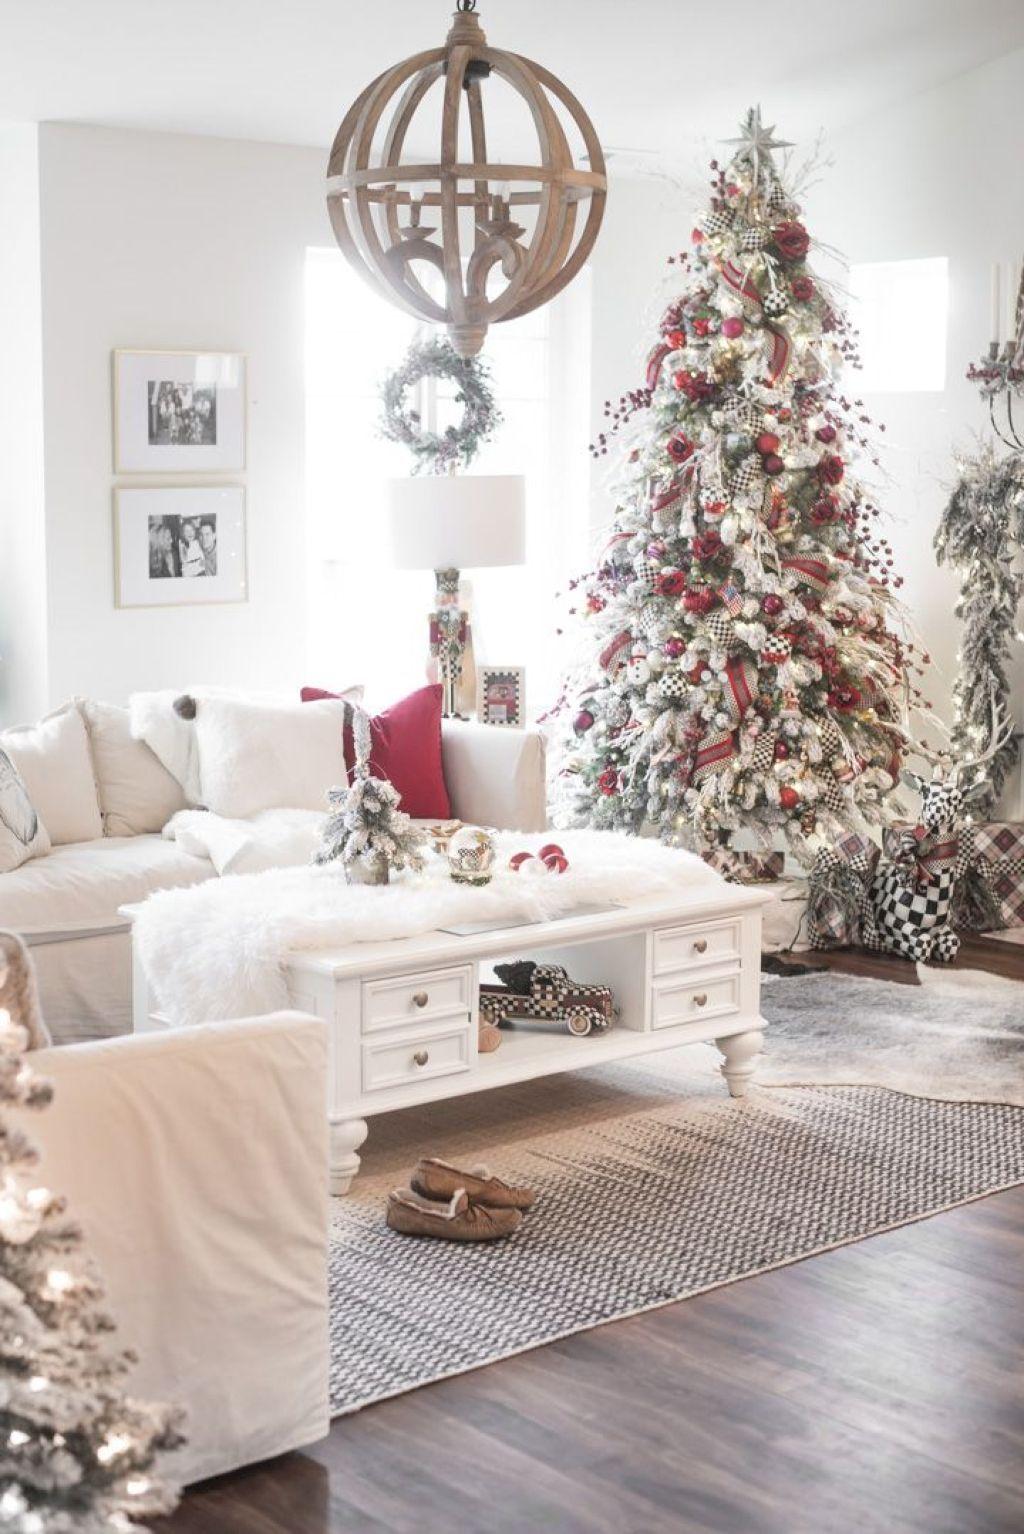 55 Adorable Christmas Home Decor Ideas On A Budget Diy Craft Rv